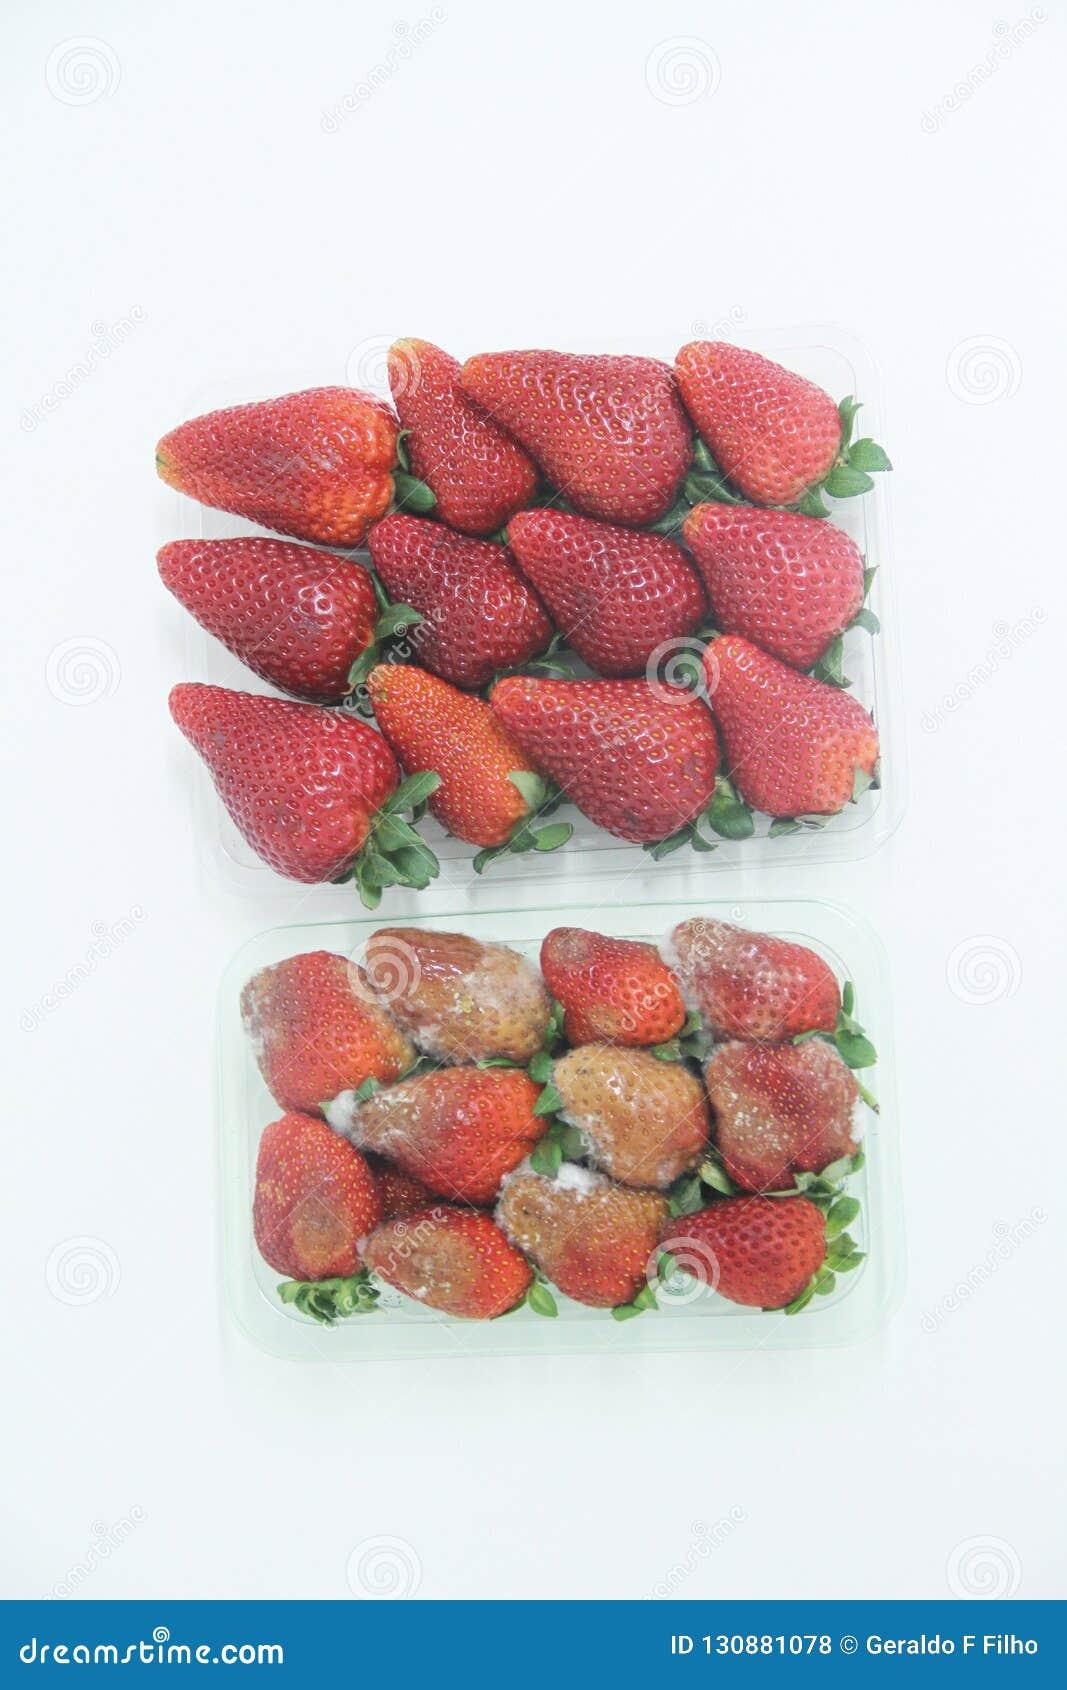 Sao Paulo Brazil för frukt för vitamin för jordgubbemat åkerbruk isolerad läcker healthful